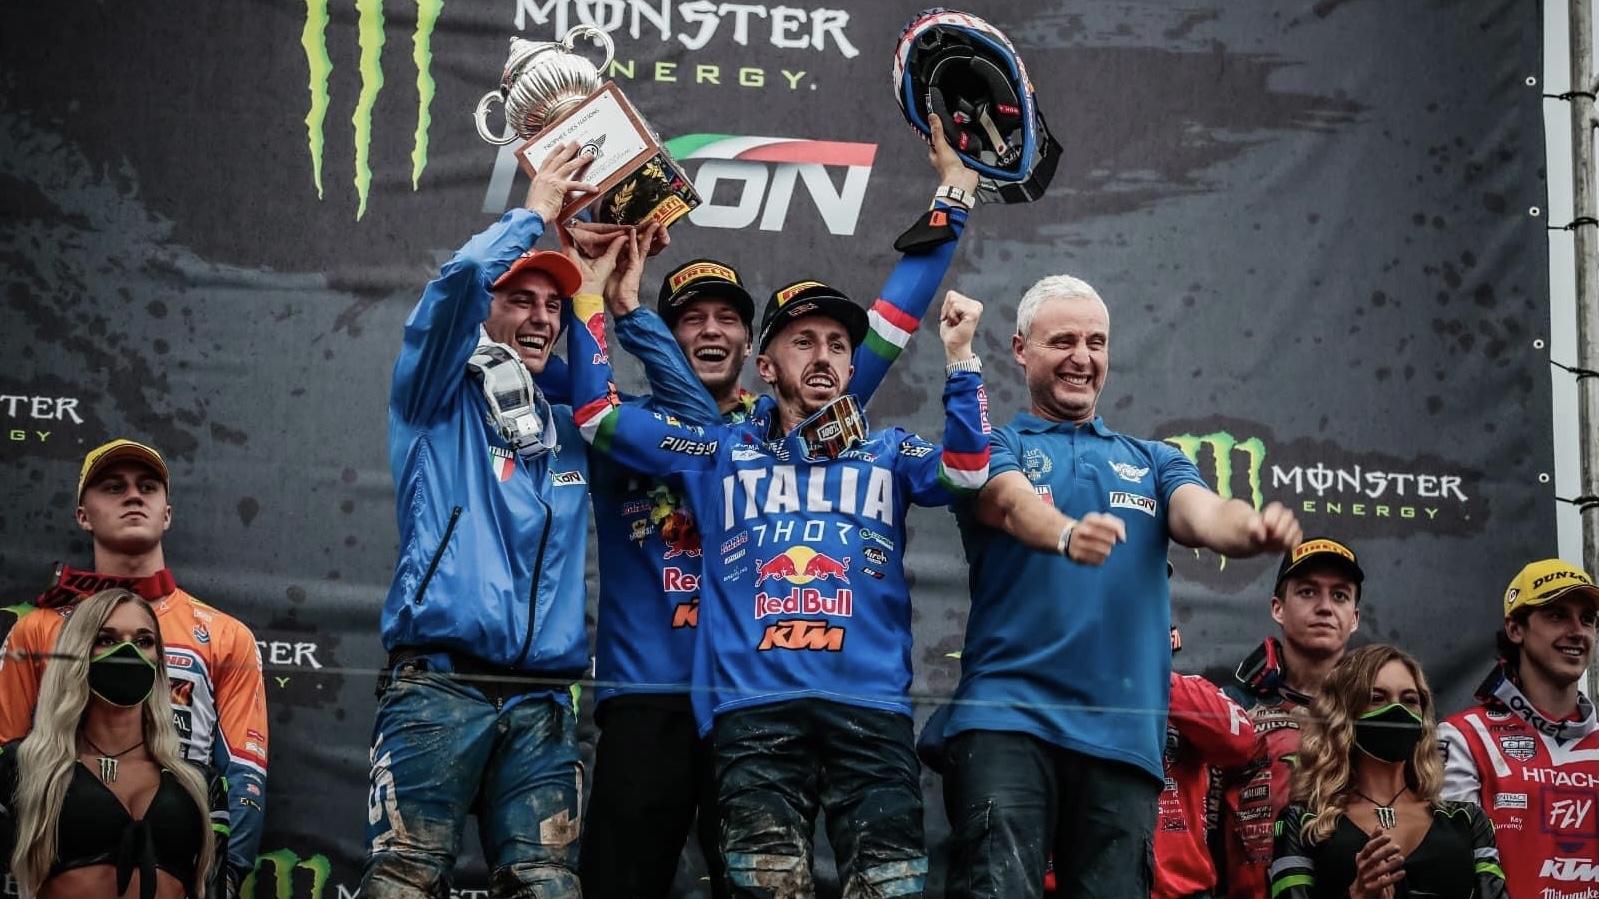 Italia vence EM CASA o Motocross das Nações 2021